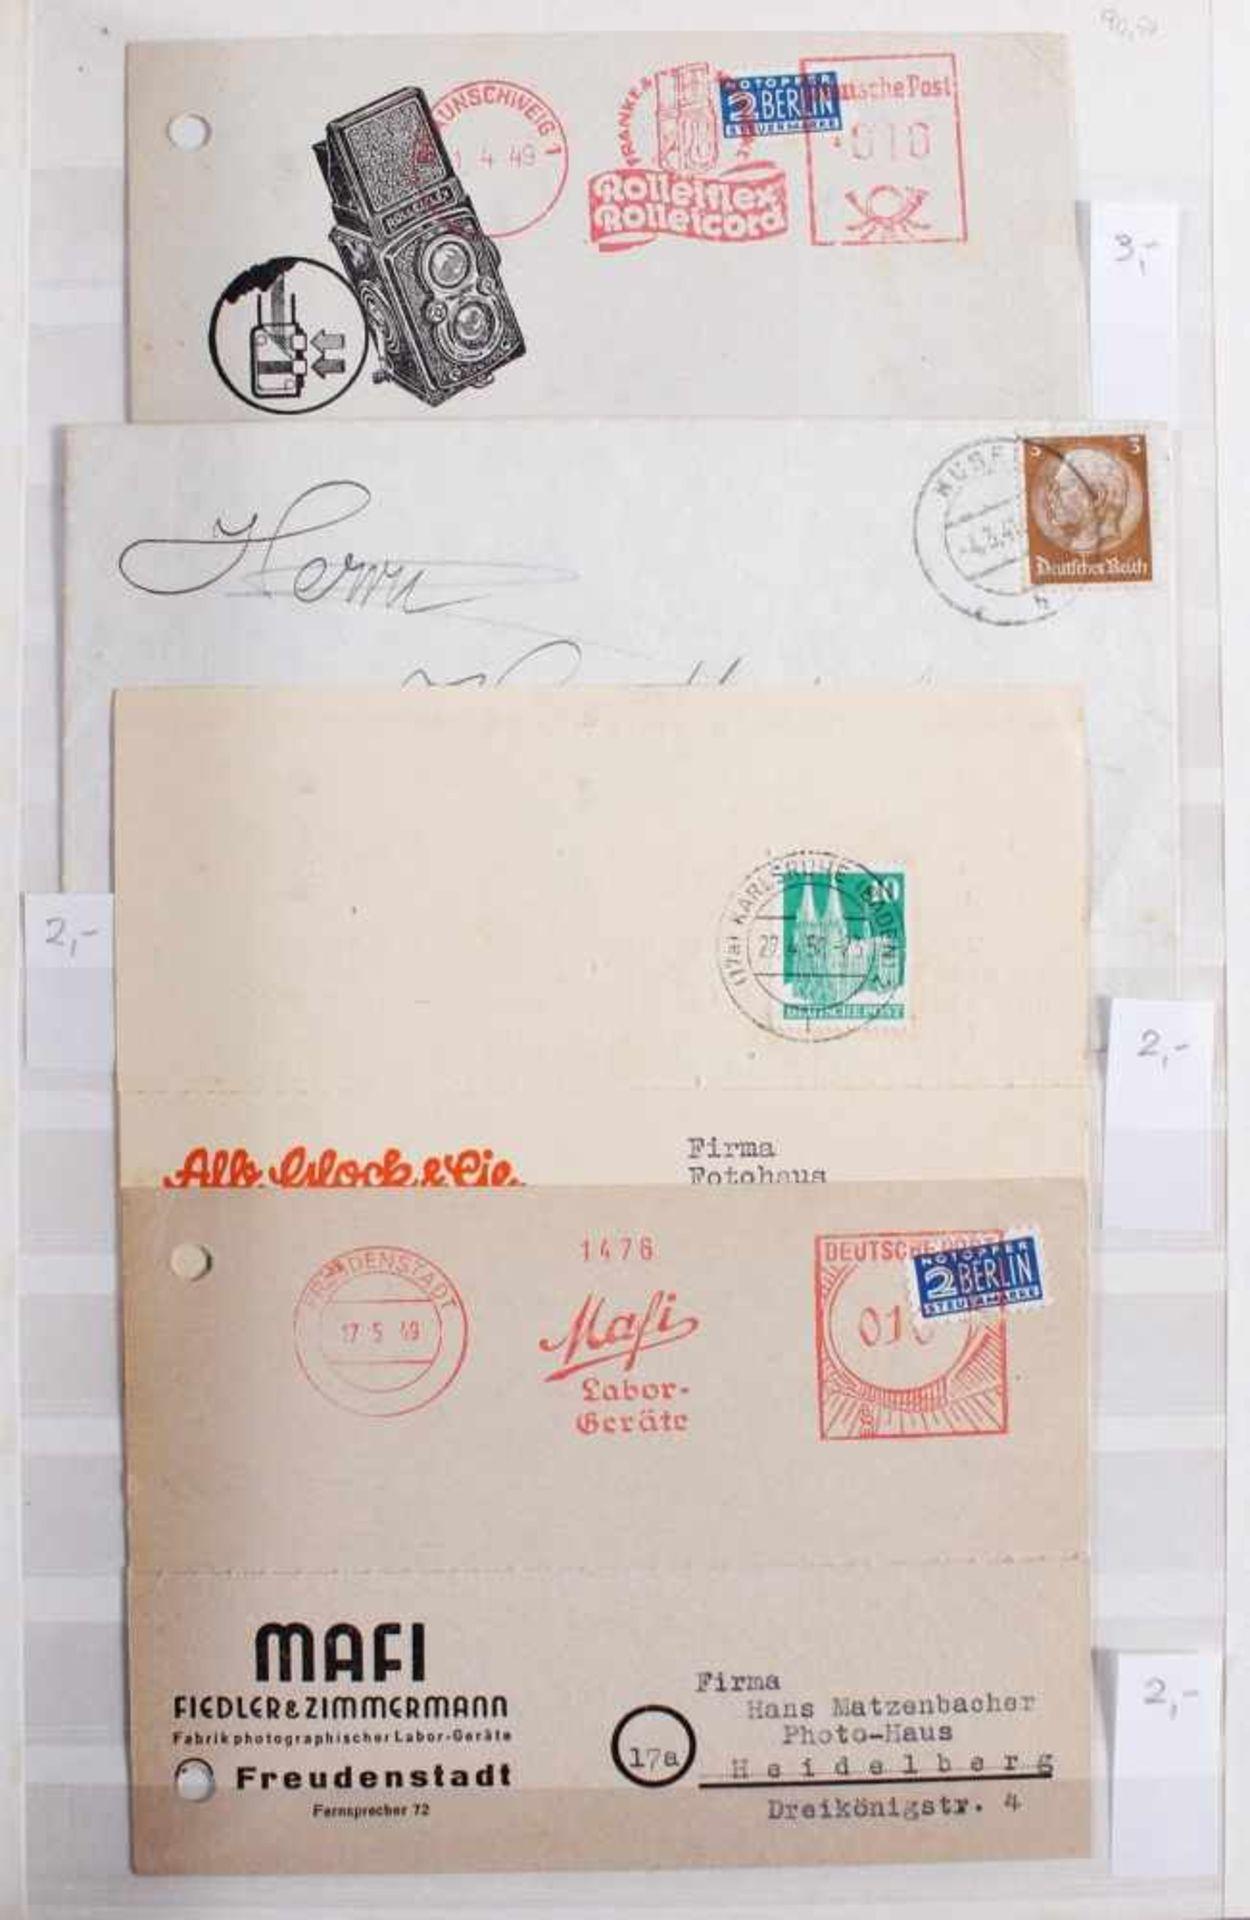 Kleine Sammlung Belege, Ganzsachen und BriefeInsgesamt 3 gut gefüllte Alben.1 Album Briefe, - Bild 4 aus 7